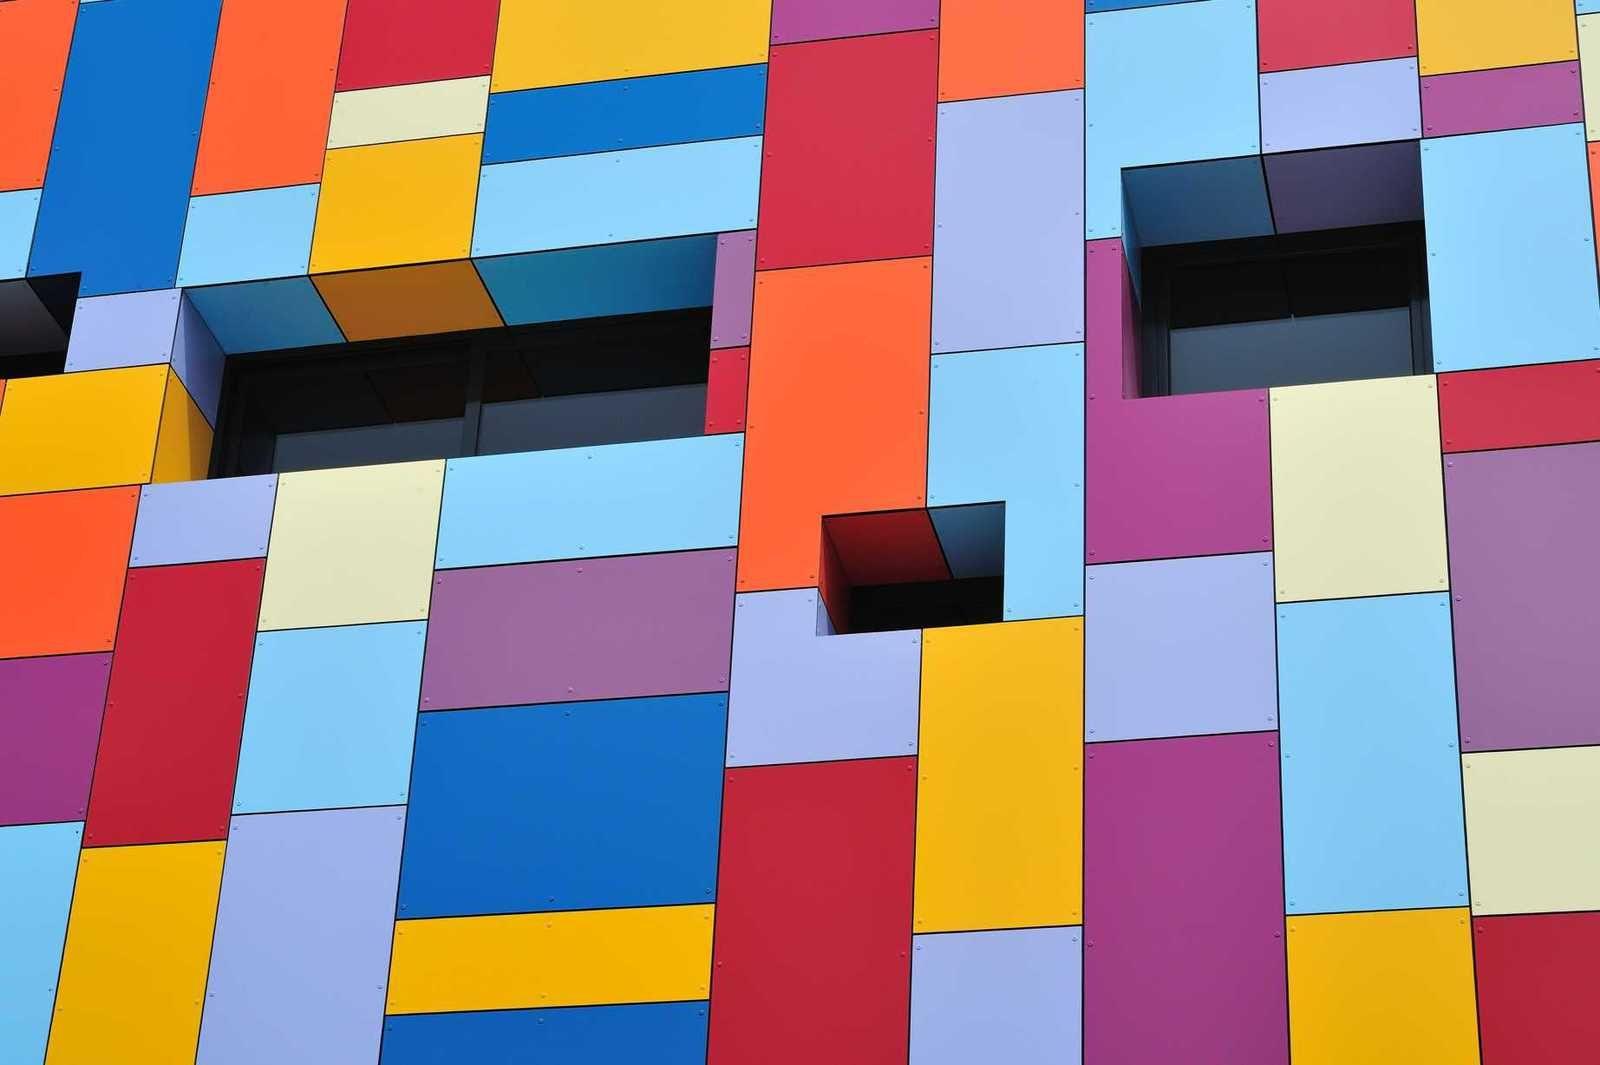 Cultural Centre Ca Don José - Hector Luengo Arquitectos